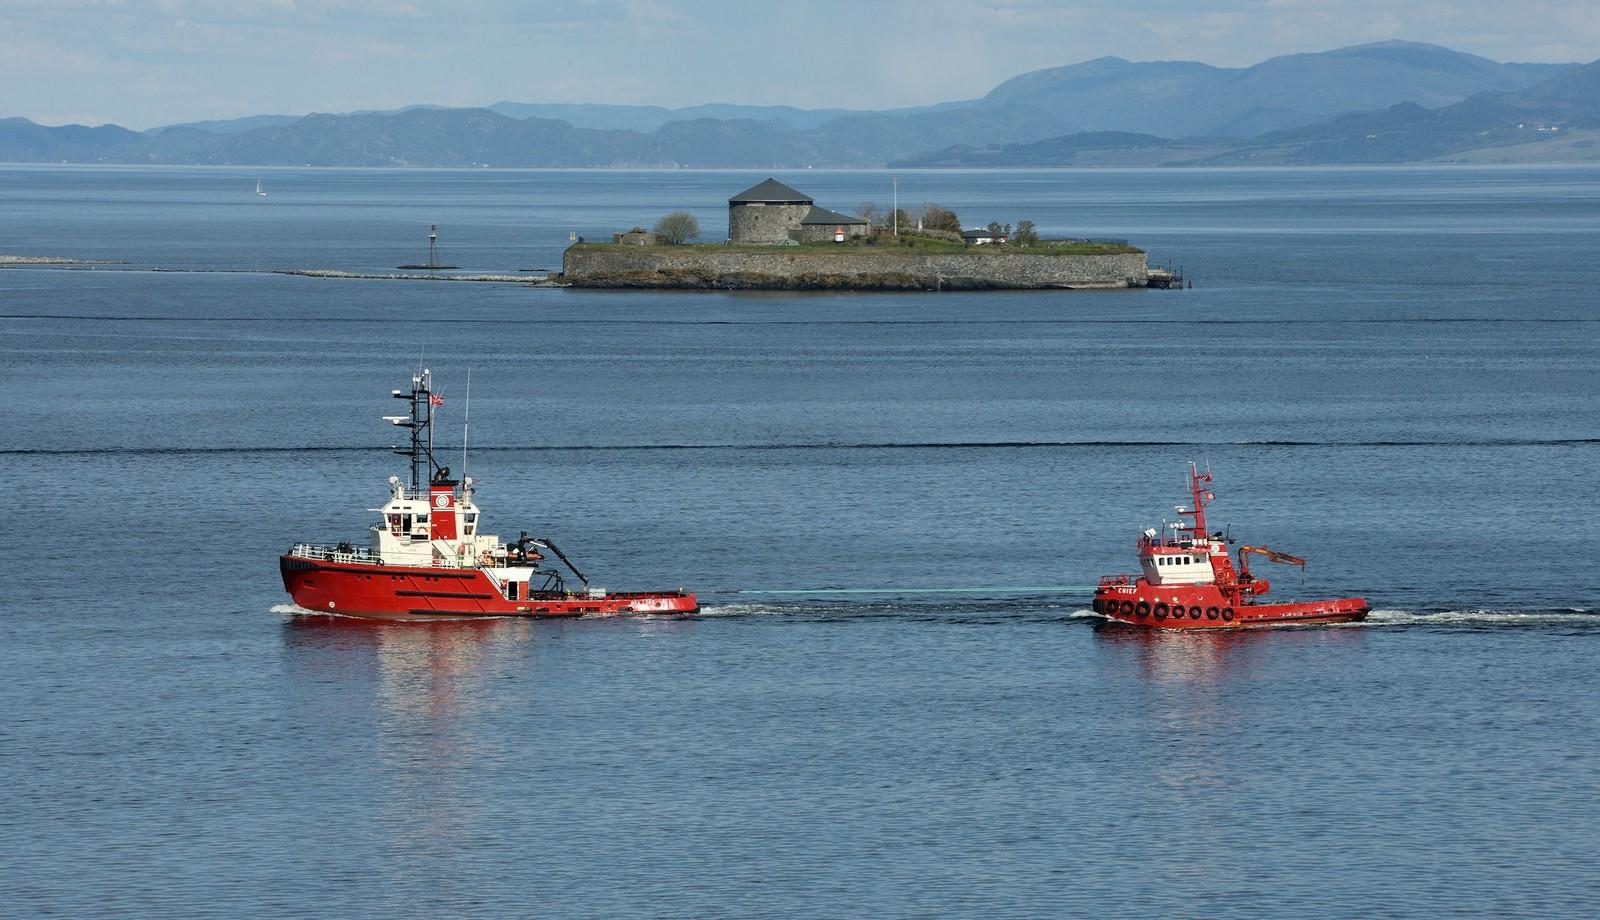 Slepebåtene Boa Loke og T B Chief ved Munkholmen